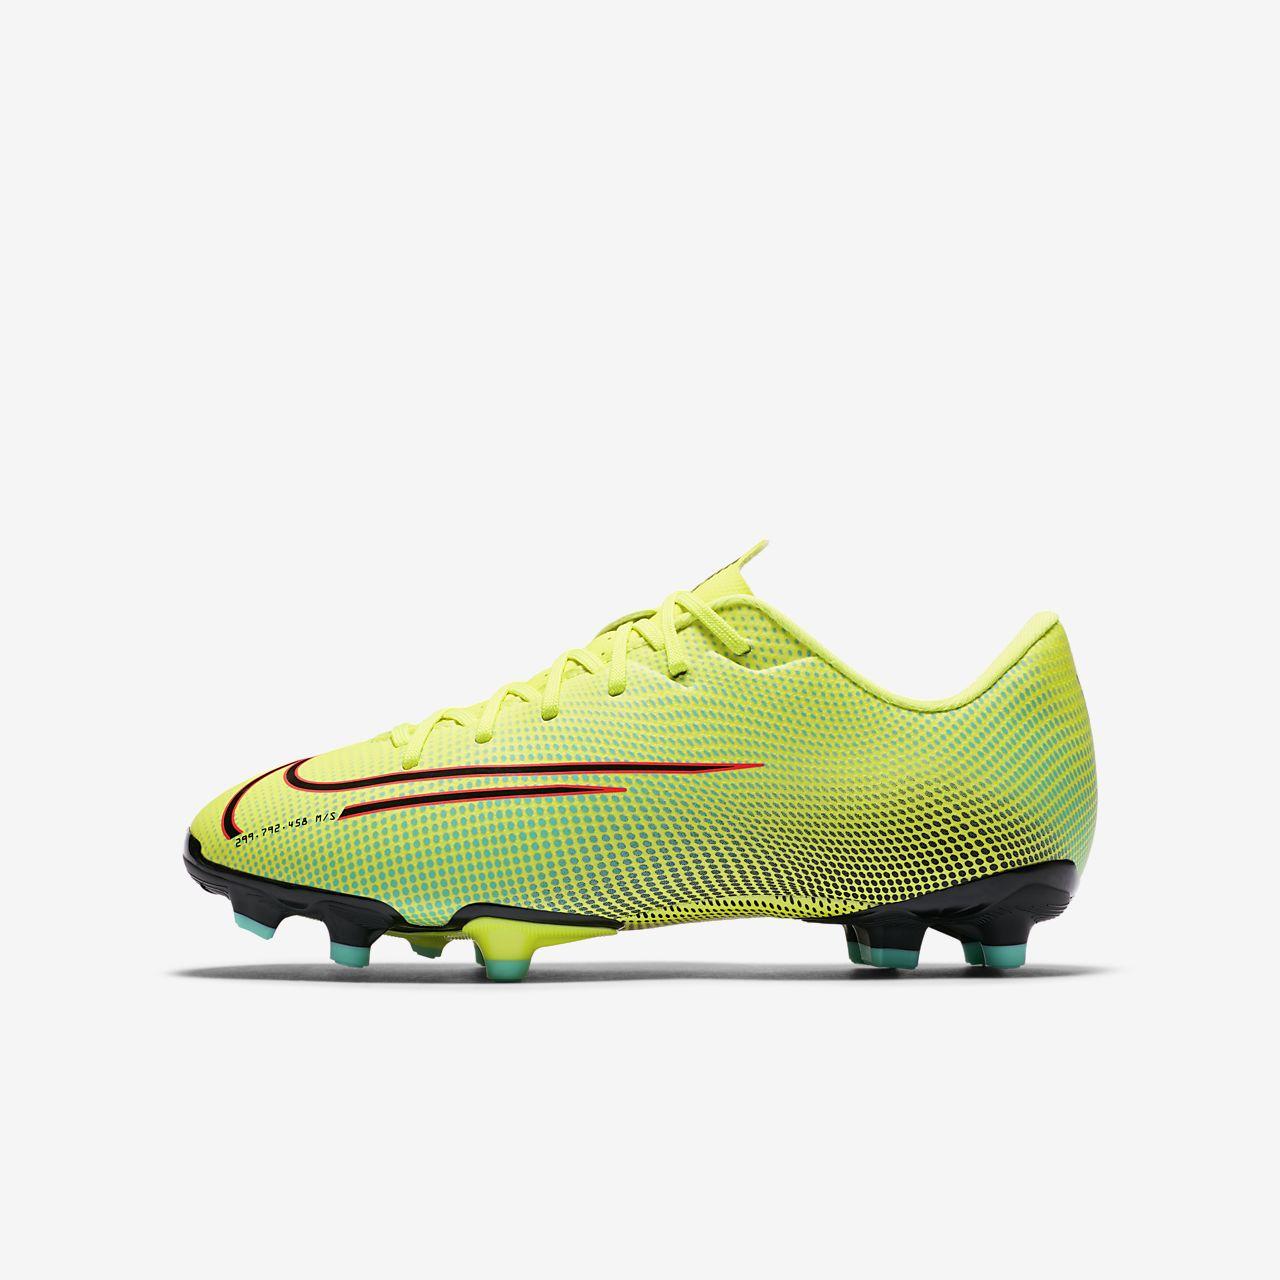 Nike Jr. Mercurial Vapor 13 Academy MDS MG fodboldstøvle til småstore børn (flere typer underlag)